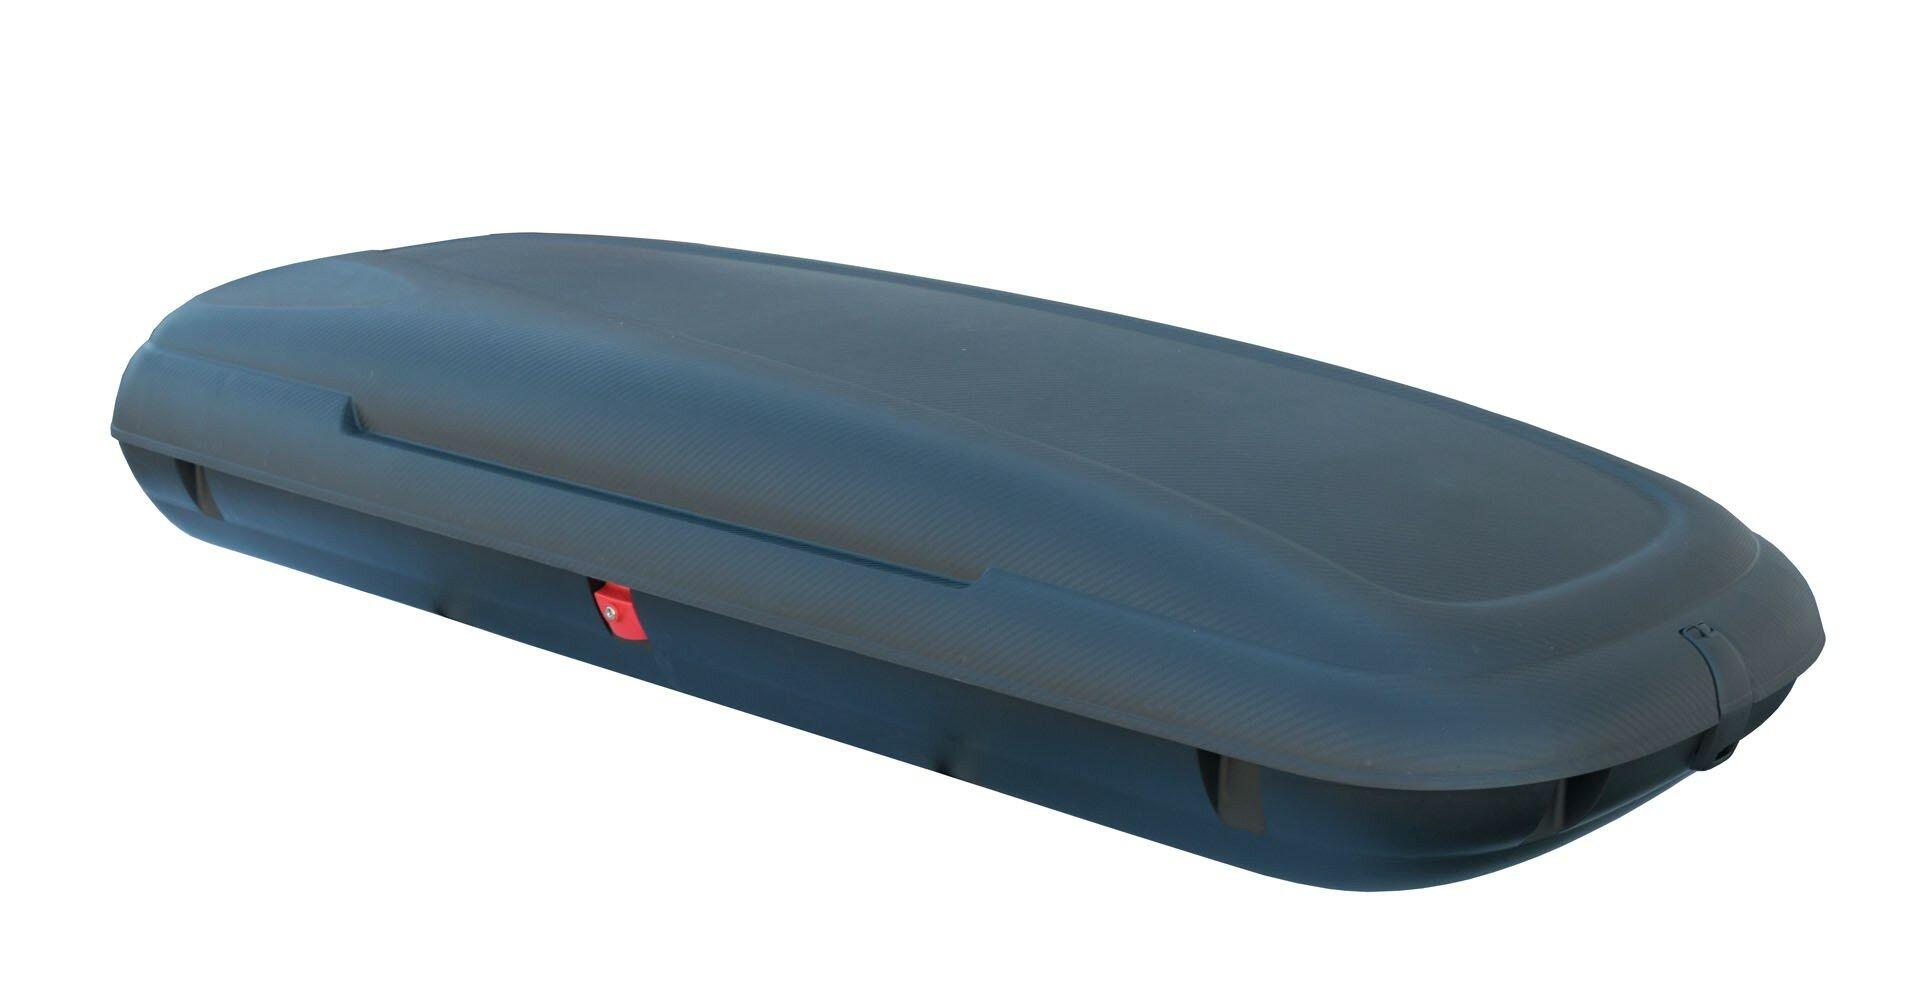 Černý střešní box Linea Carbon - objem 480 l, délka 200,5 cm, šířka 79 cm a výška 38 cm